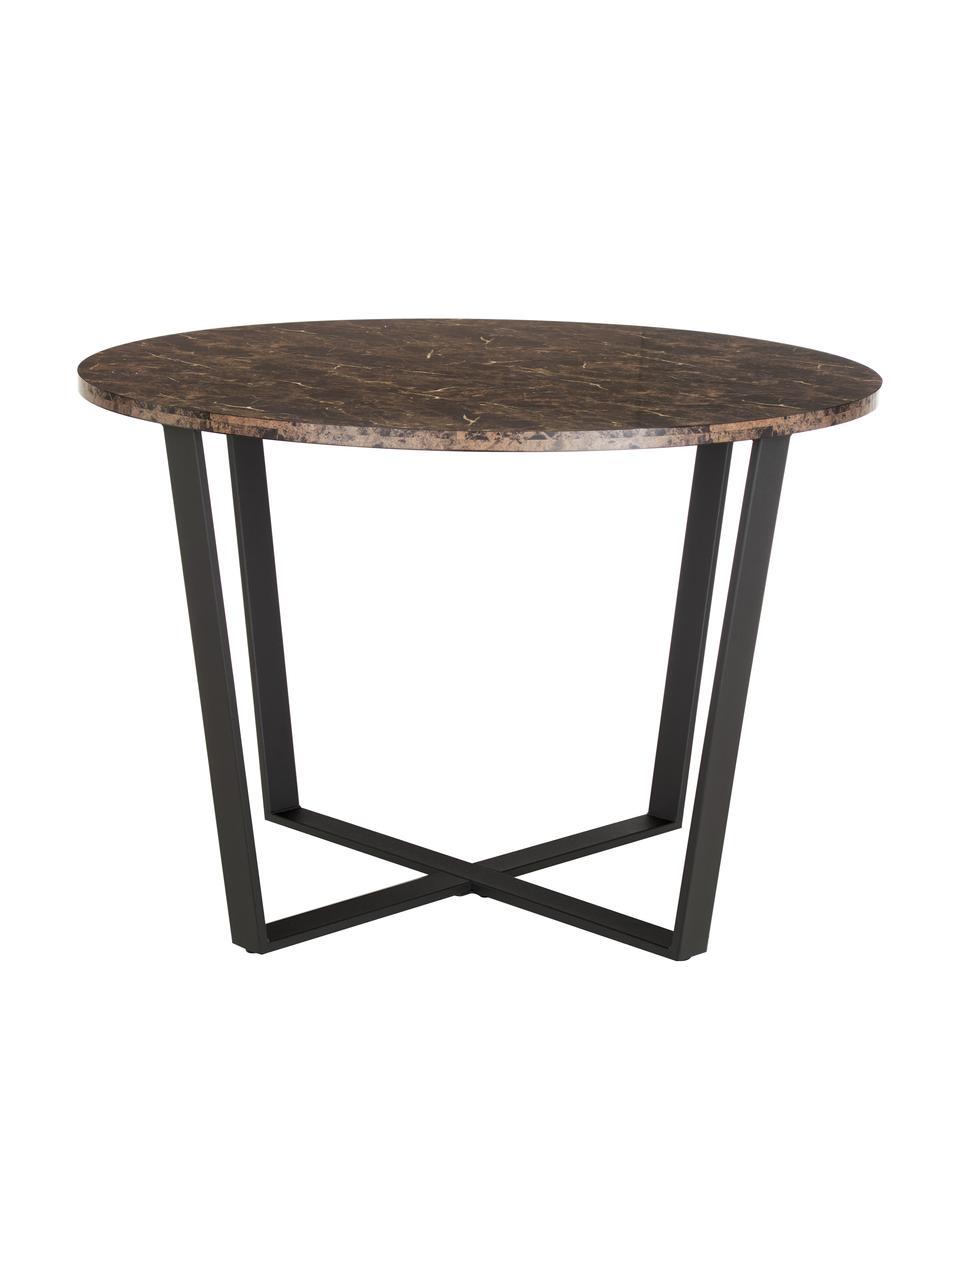 Tavolo da pranzo con piano in marmo Amble, Piano d'appoggio: pannelli di fibra a media, Gambe: metallo verniciato a polv, Marrone marmorizzato, nero, Ø 110 x Alt. 75 cm